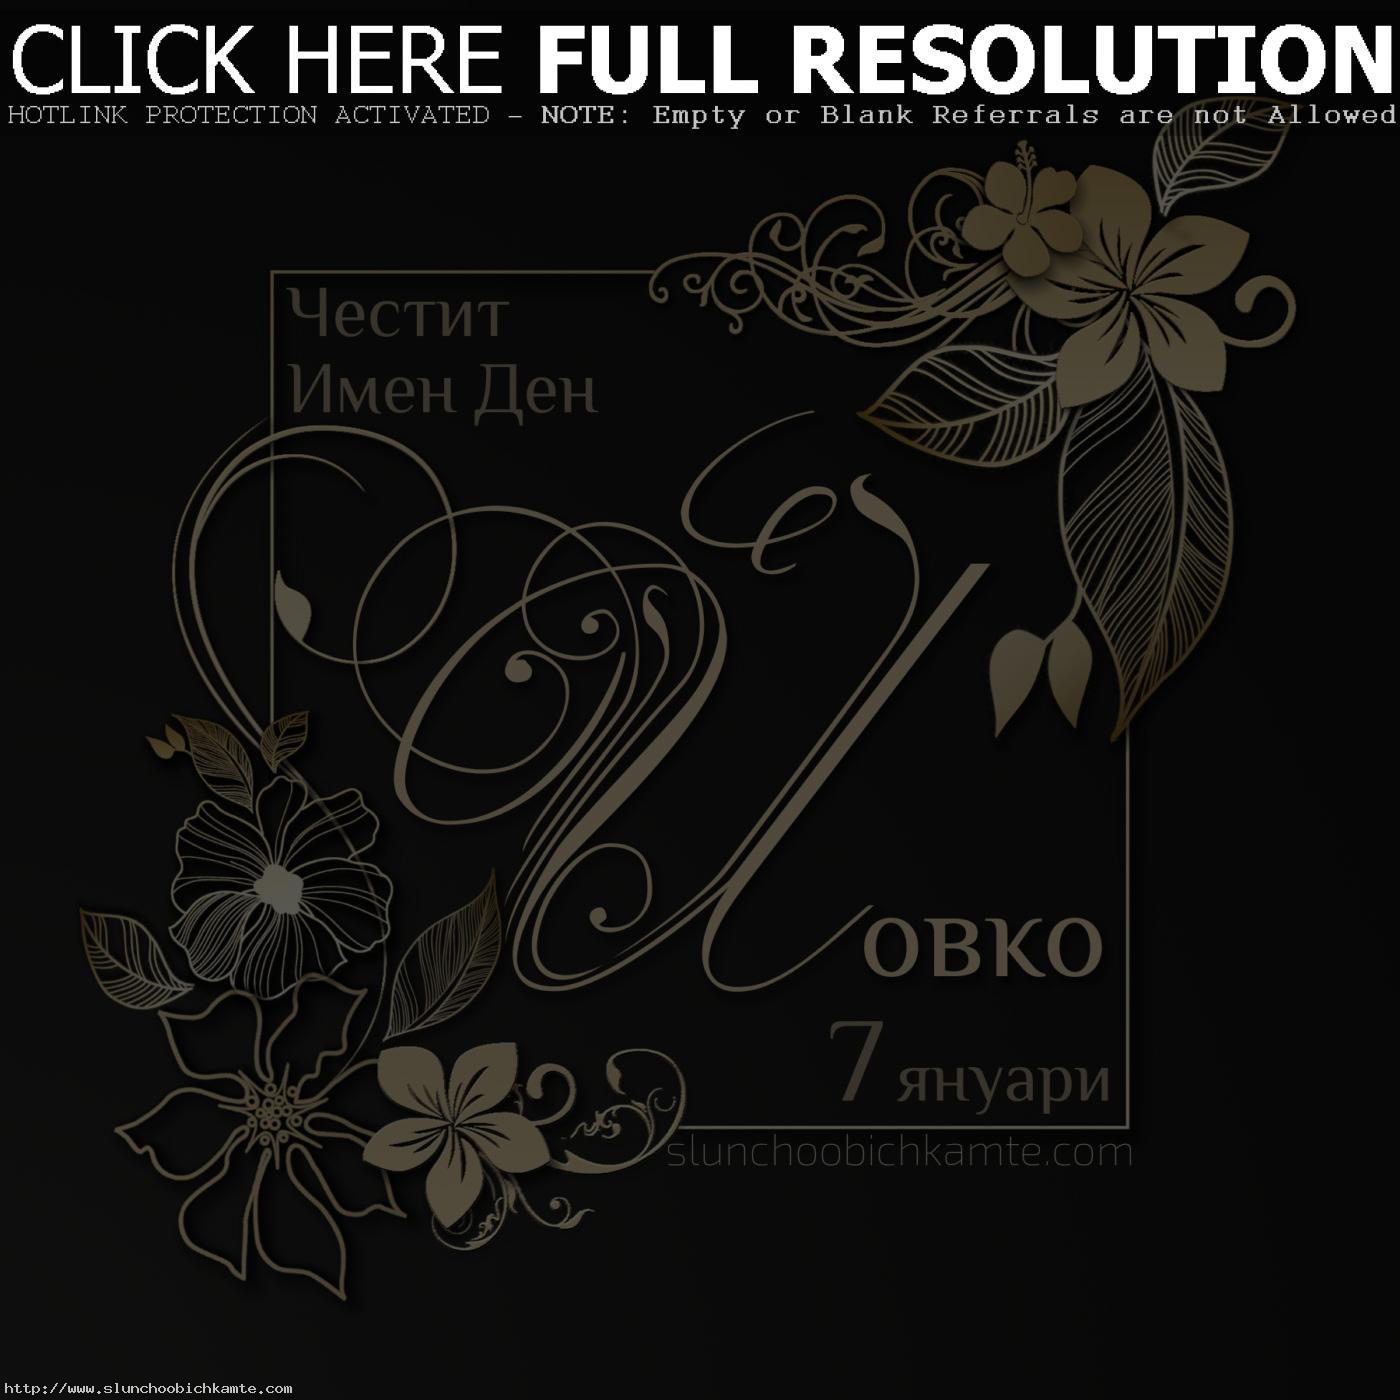 Честит имен ден Йовко - 7 януари - Ивановден, Свети Йоан Кръстител - Картички за Имен ден. Пожелай честит имен ден с оригинална картичка